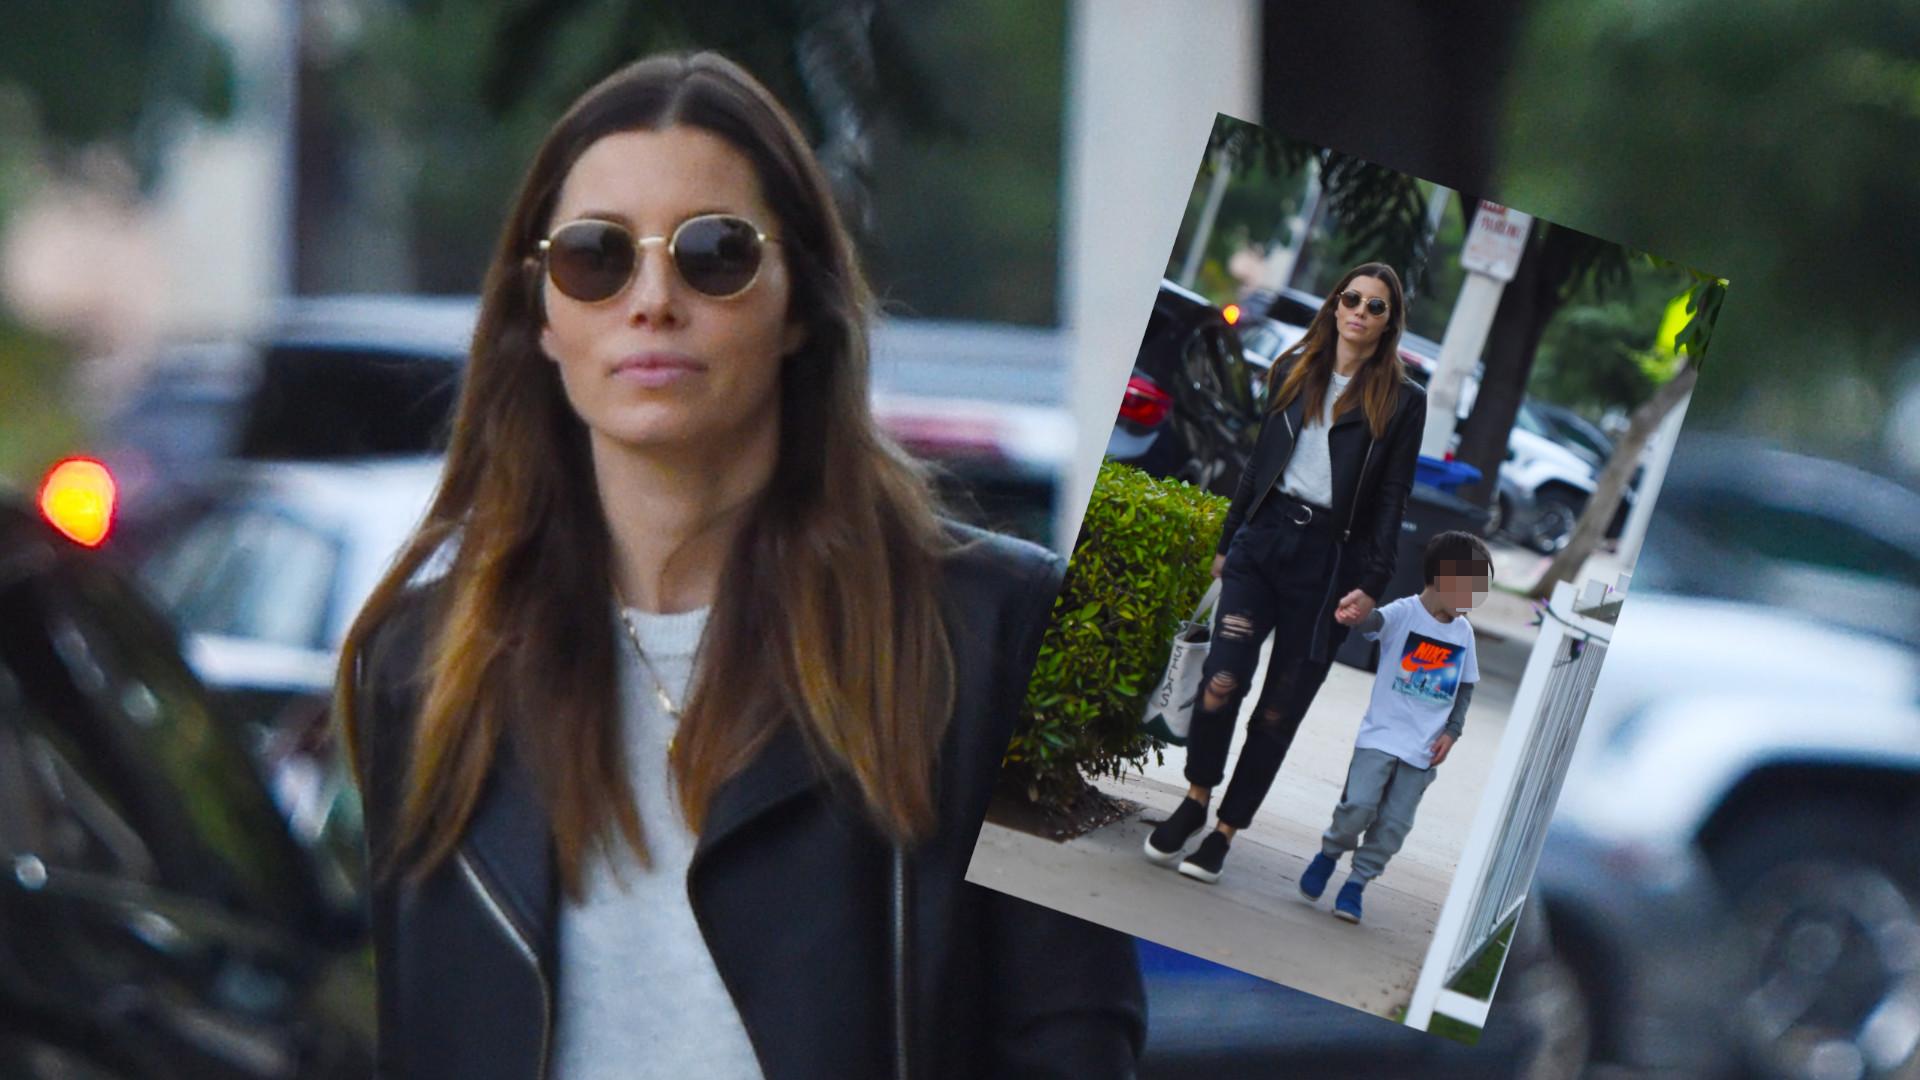 Jessica Biel nie daje się zwariować plotkom o zdradzie męża – paparazzi podglądali ją na spacerze z synem (ZDJĘCIA)